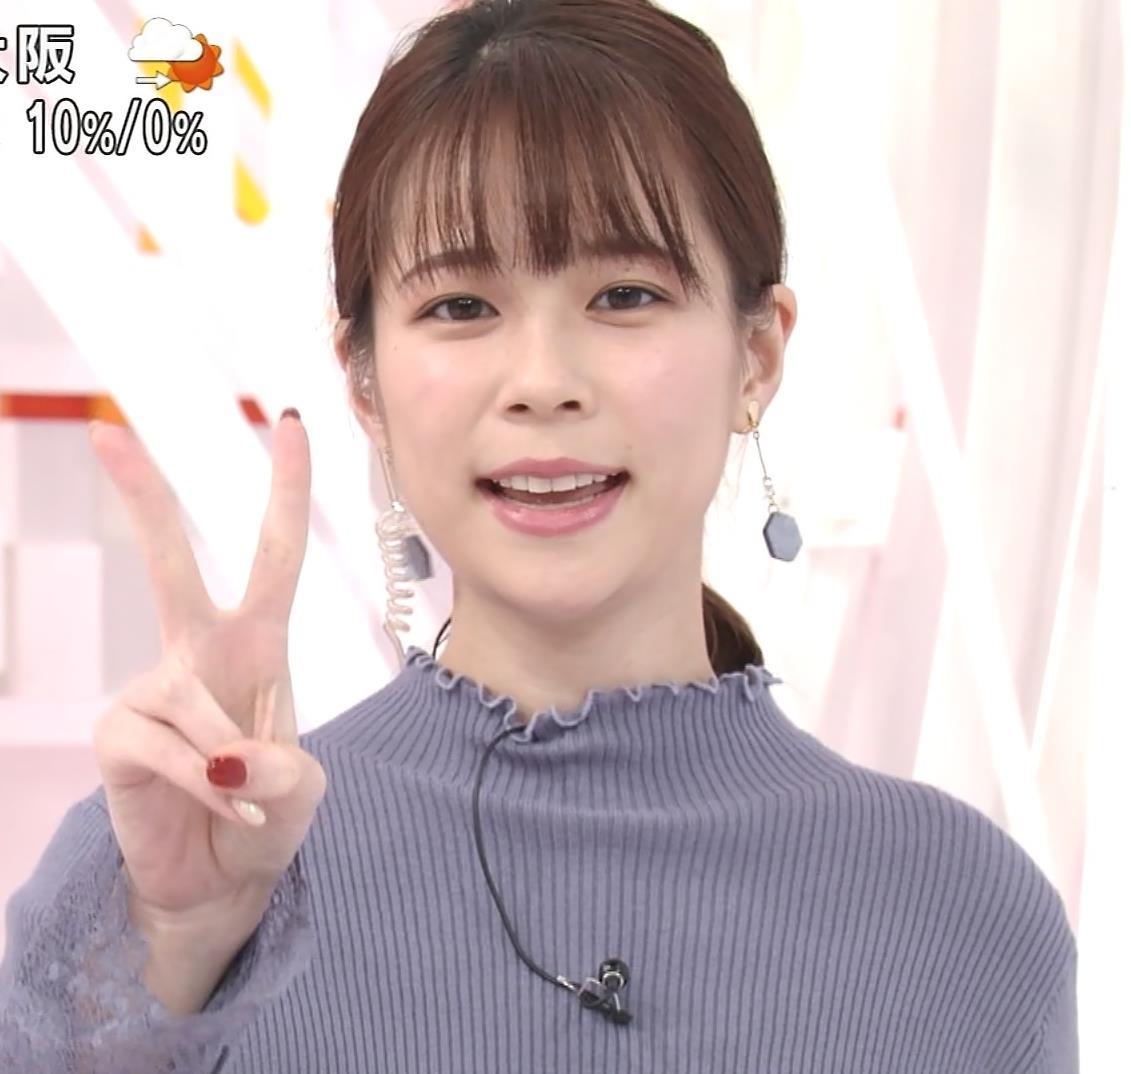 鈴木唯アナ ニットおっぱいキャプ・エロ画像2